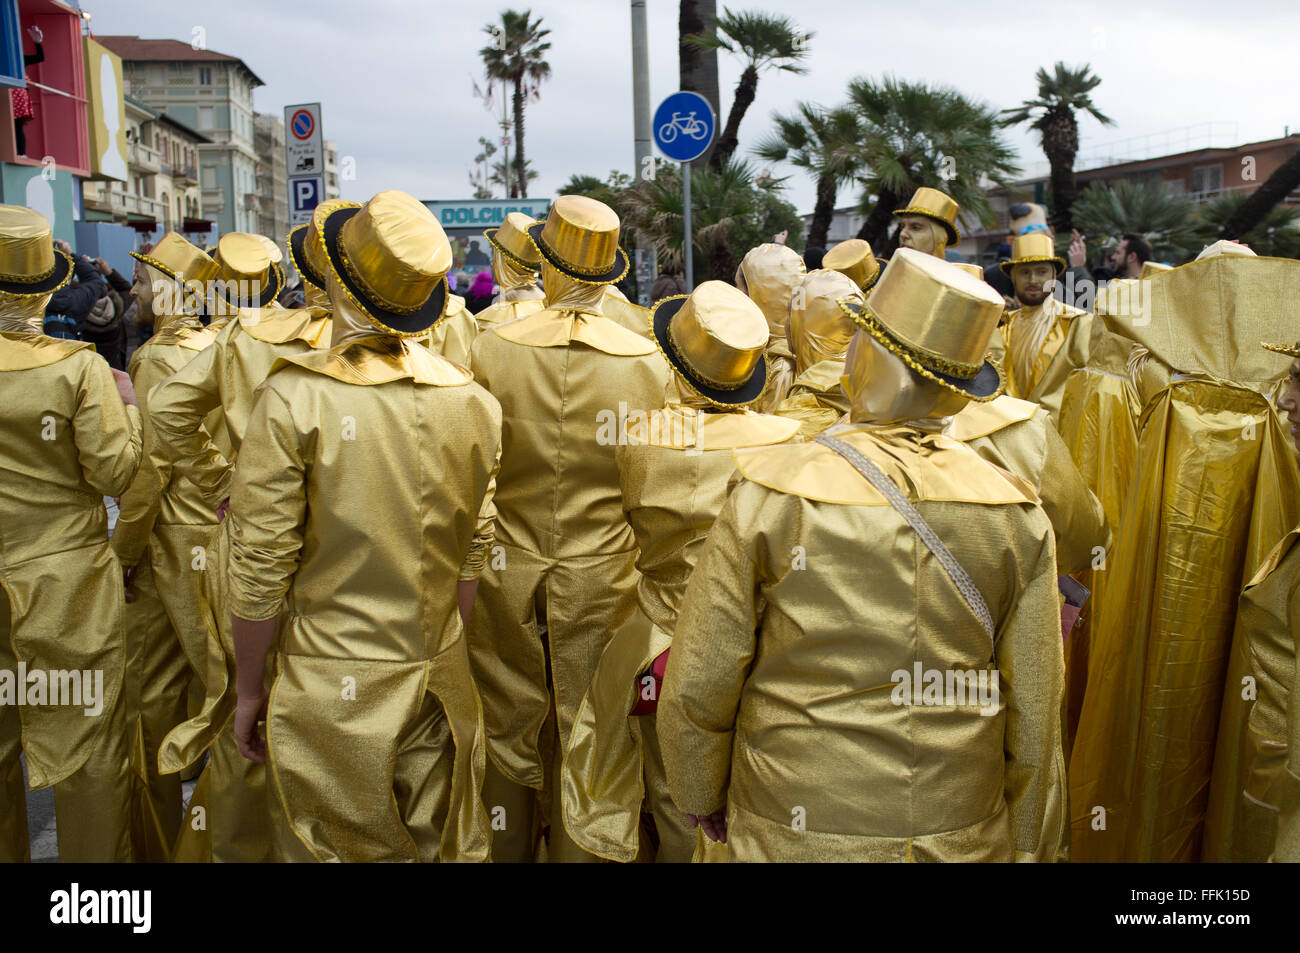 Viareggio, Italia. El 14 de febrero, 2016. retrato de la máscara de carnaval du4ing el 3 desfiles de carnaval Imagen De Stock